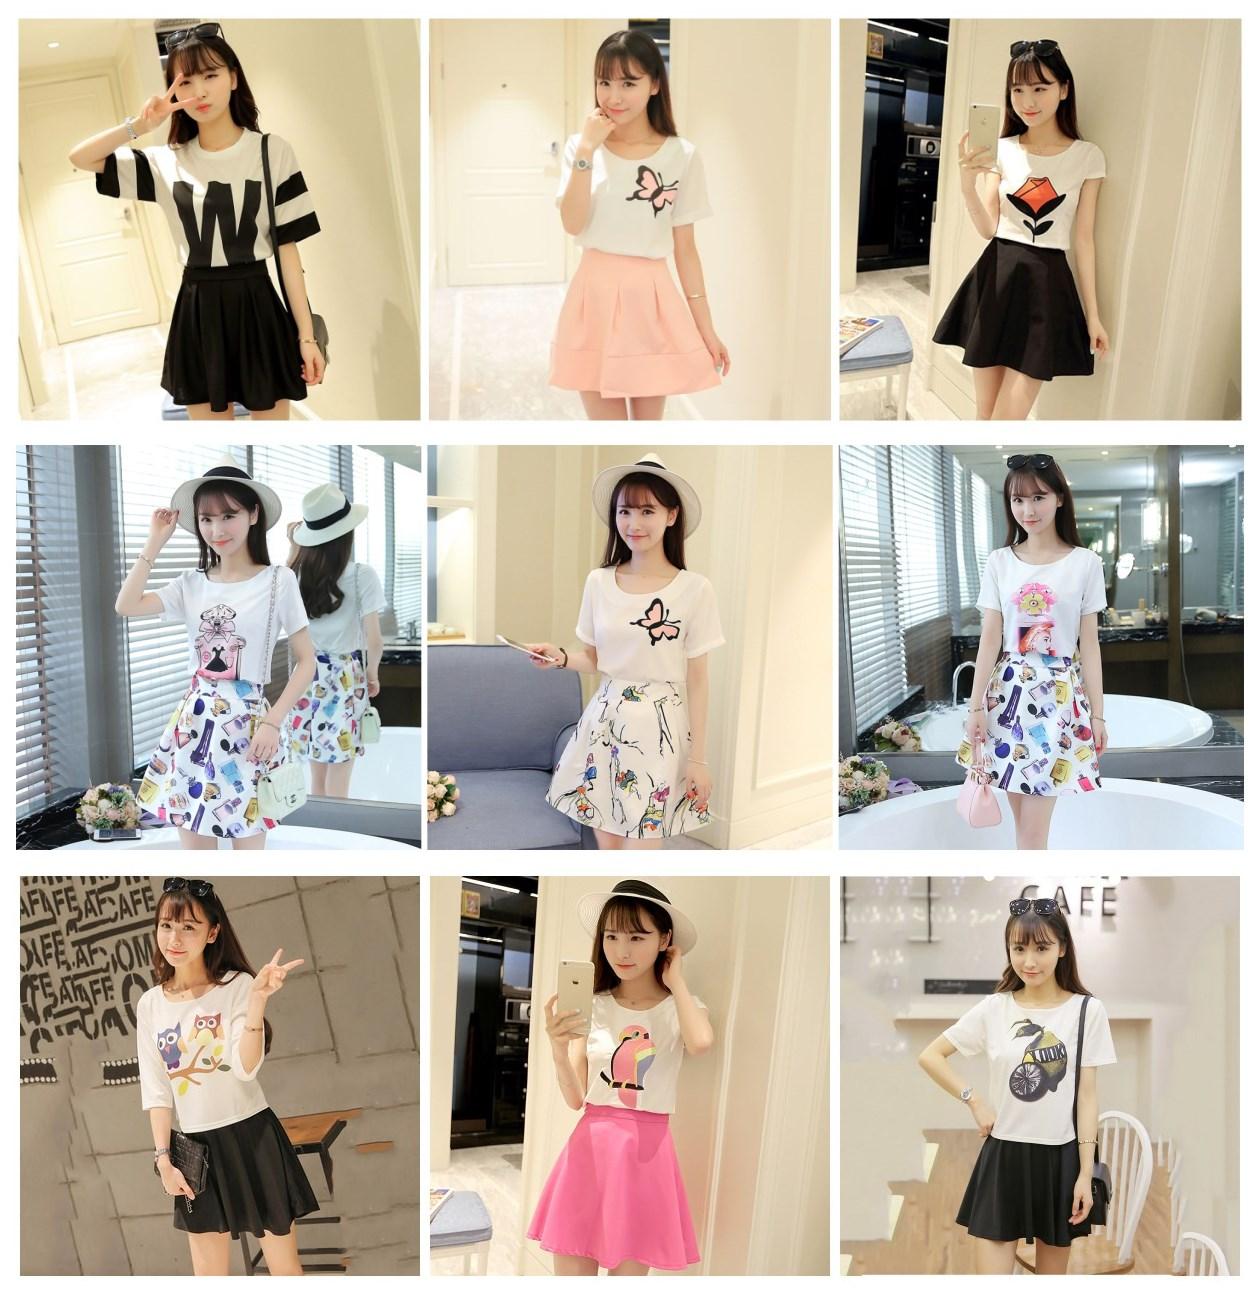 夏季新款韩版女装小清新甜美两件套连衣裙短裙学生修身显瘦套装裙